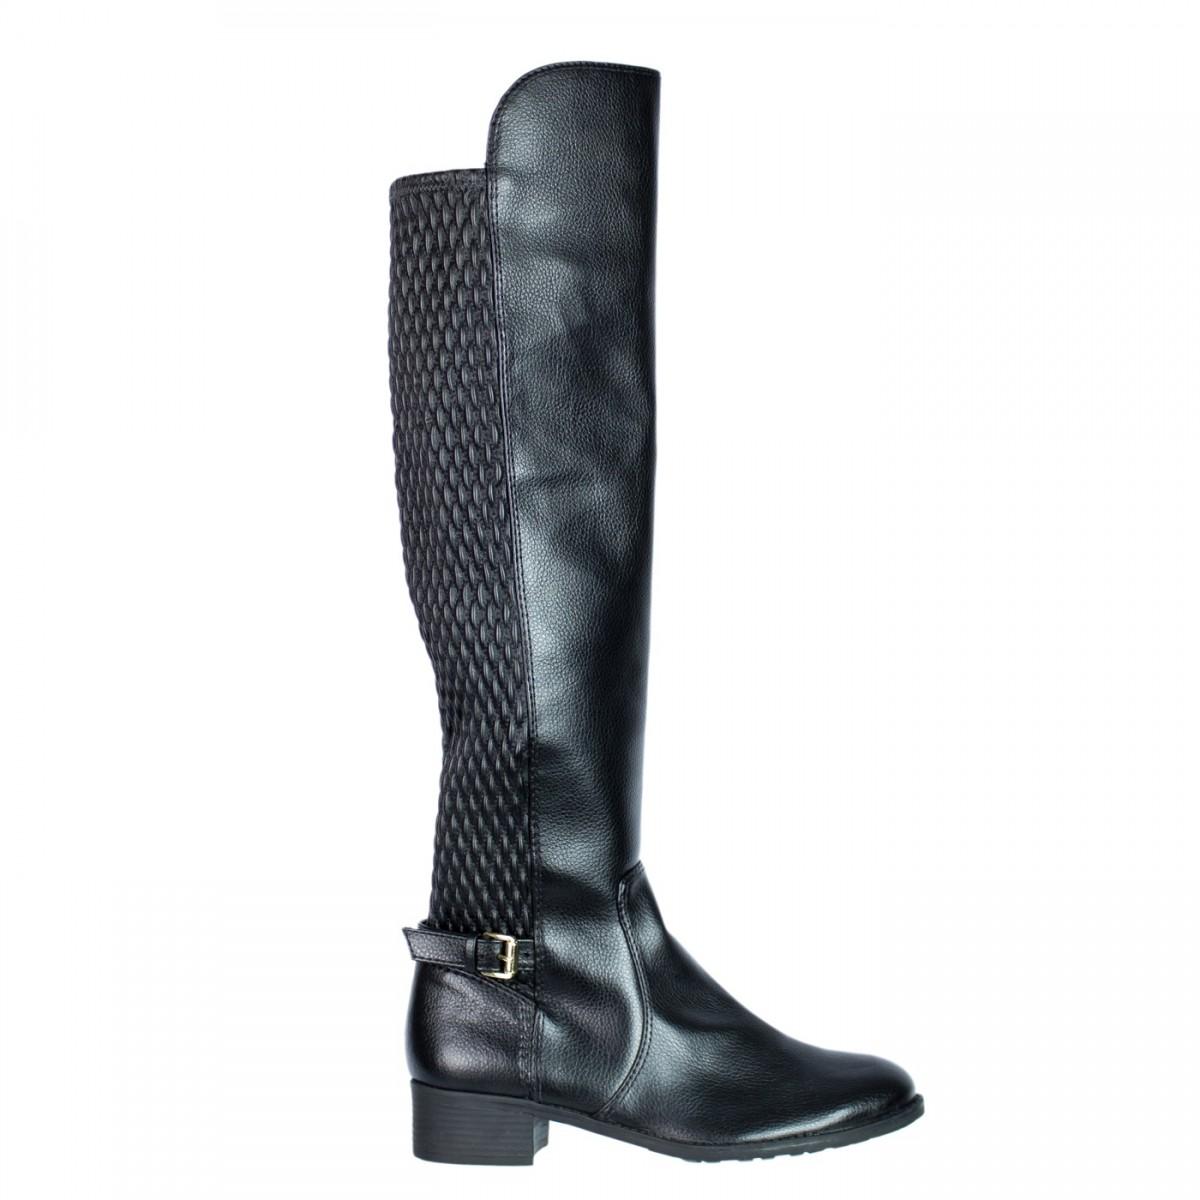 a5bdaca30 Bizz Store - Bota Over Knee Montaria Lillys Closet Feminina Preta